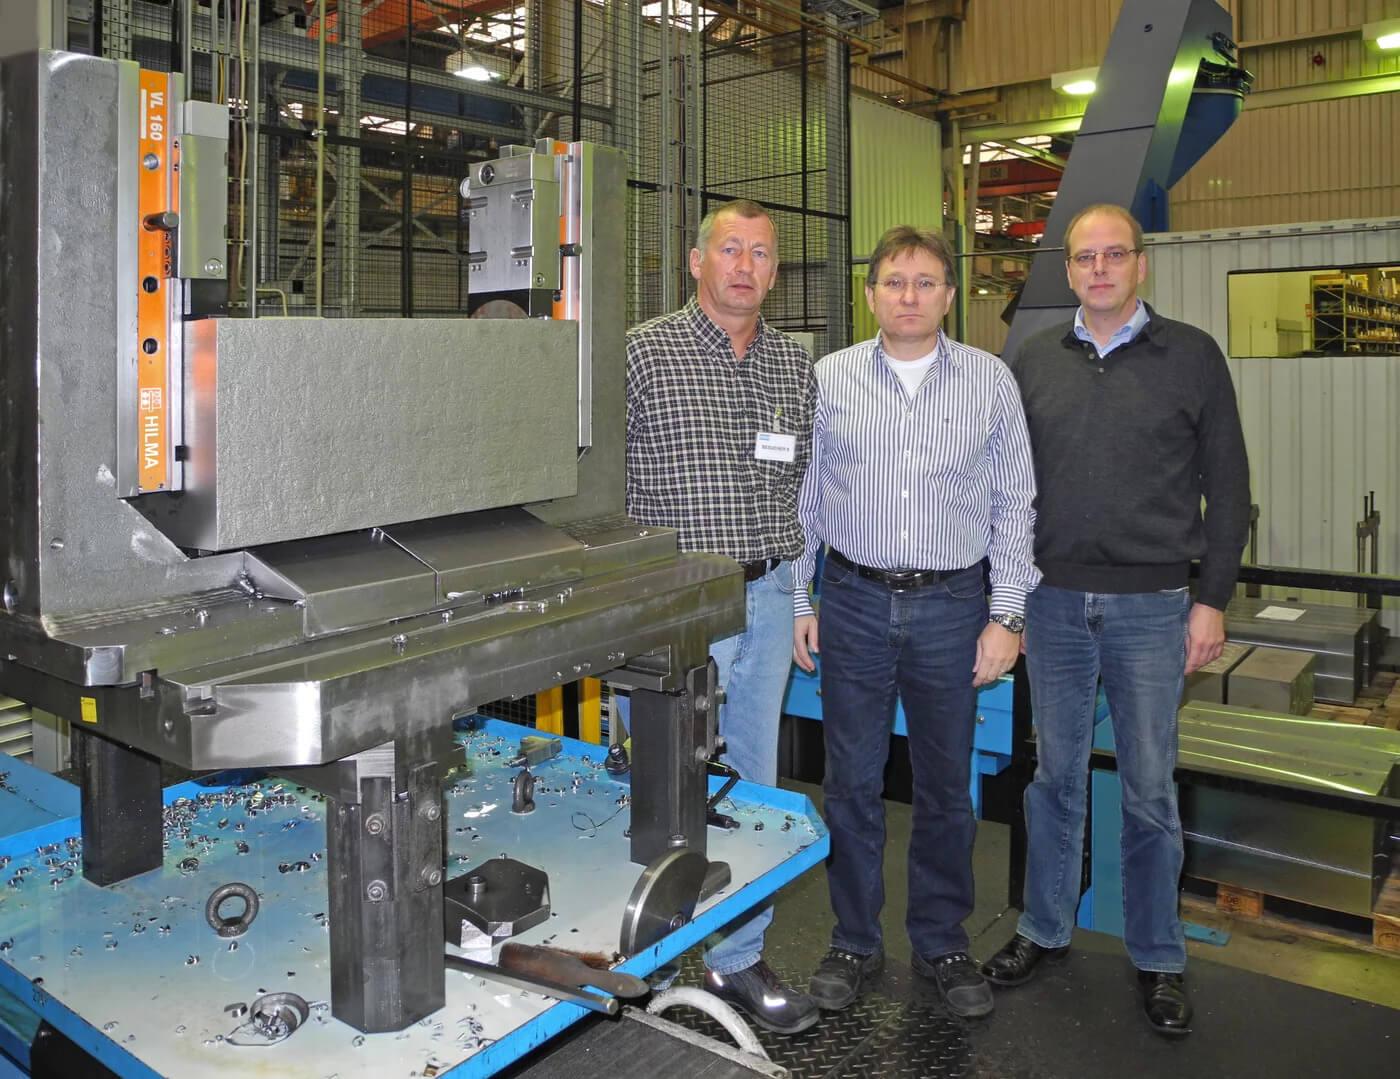 (soldan sağa) Andreas Menn, ROEMHELD servis teknisyeni, Atlas Copco Construction Tools'da jig ve fikstür yapımı için ekipman mühendisi Michael Beer ve Hilchenbach tesisinden ROEMHELD satış temsilcisi Christoph Neuhaus.